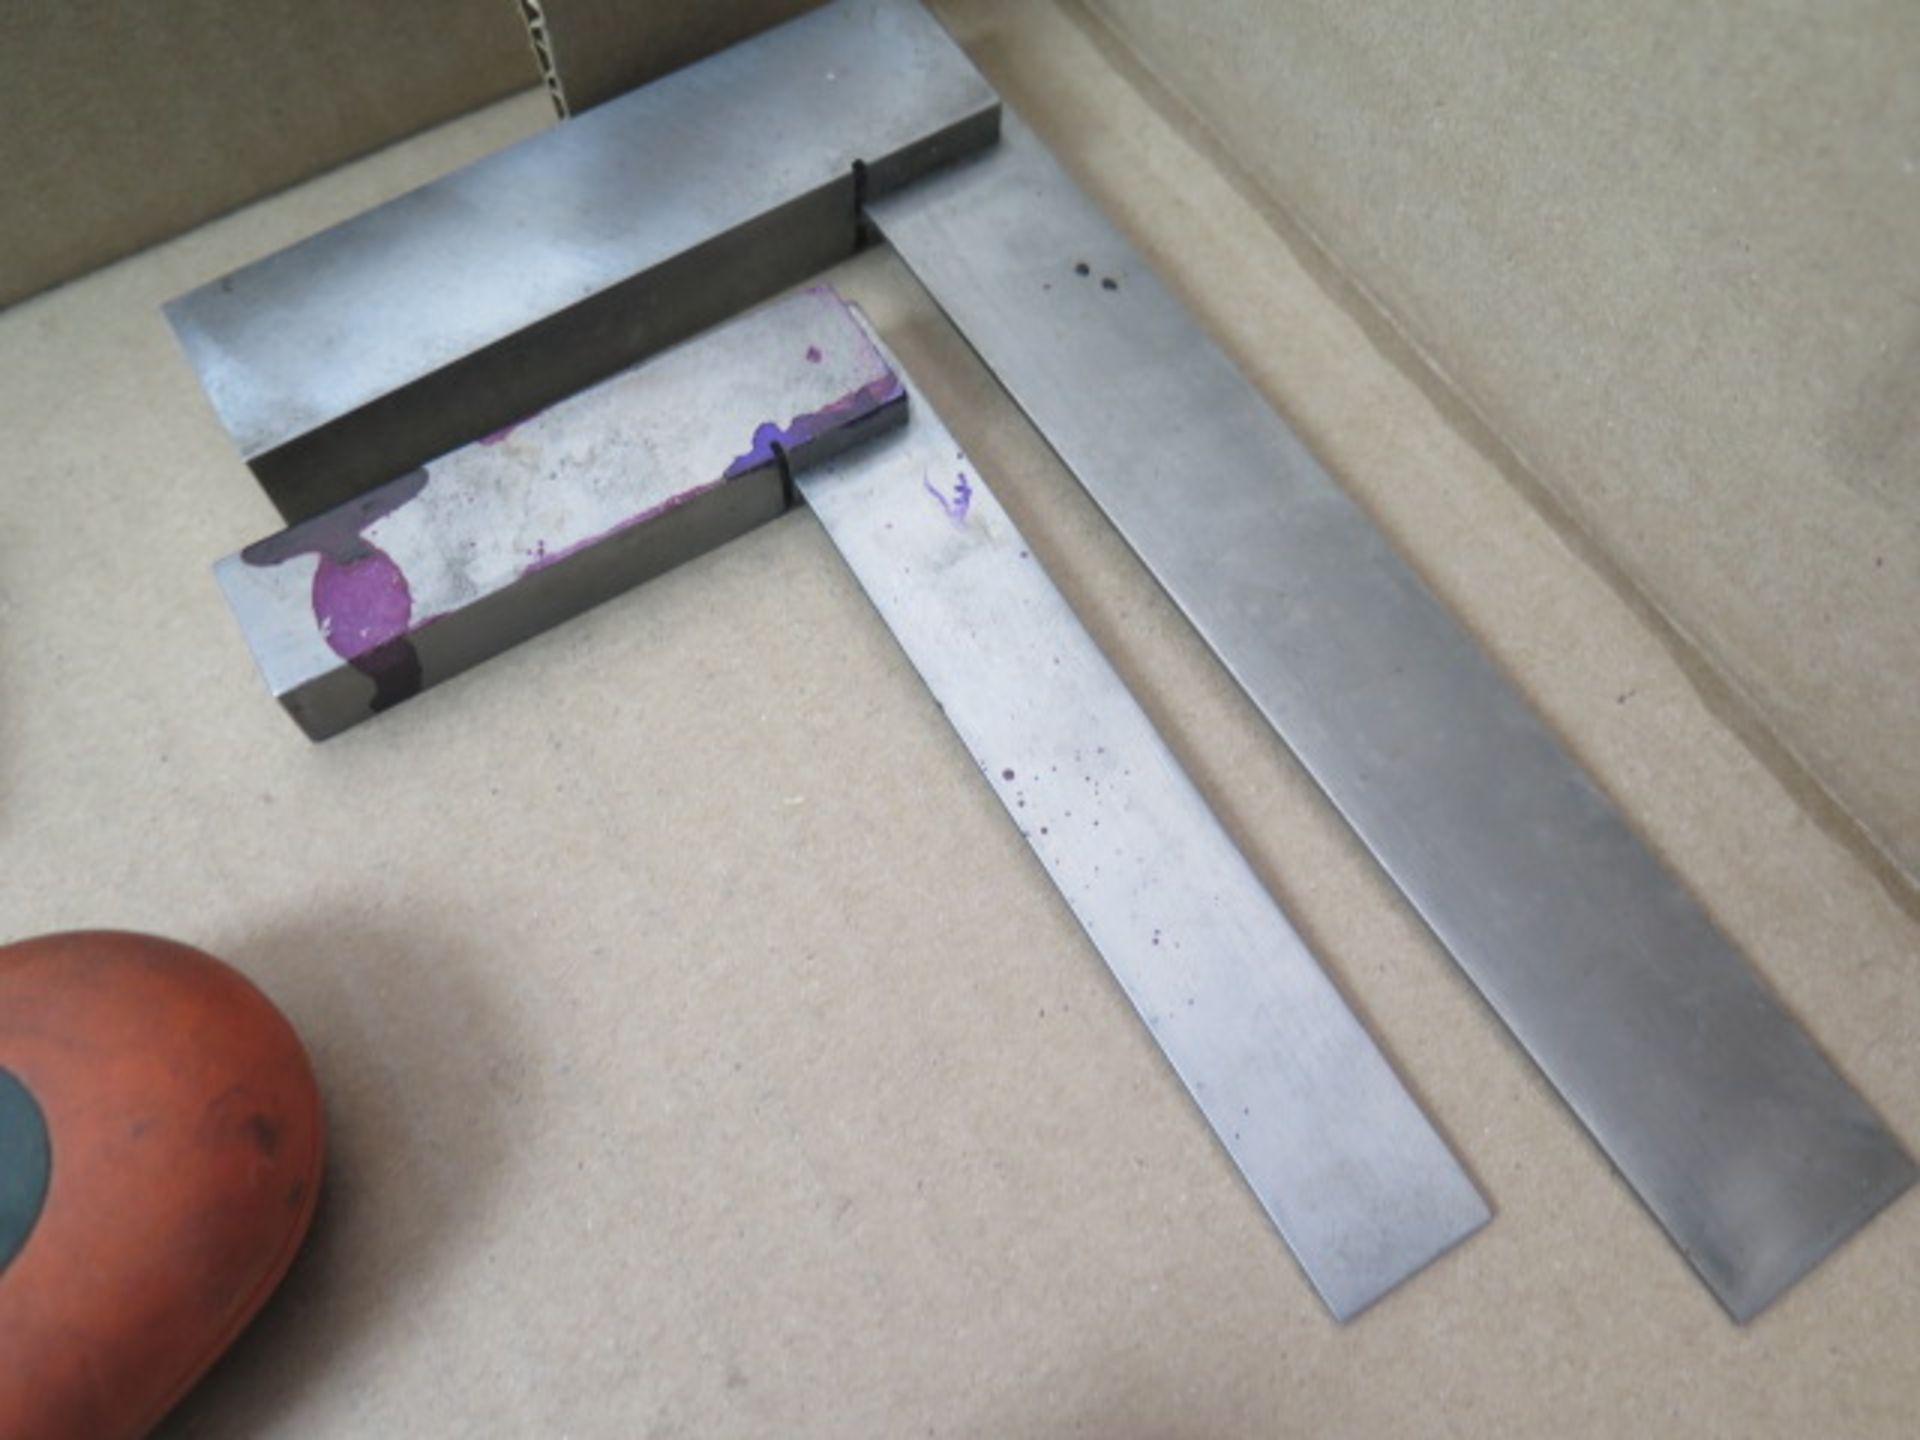 """SPI 8"""" Master Level, Sine Bar, Squaresand Extech Digital Tachometer (SOLD AS-IS - NO WARRANTY) - Image 7 of 7"""